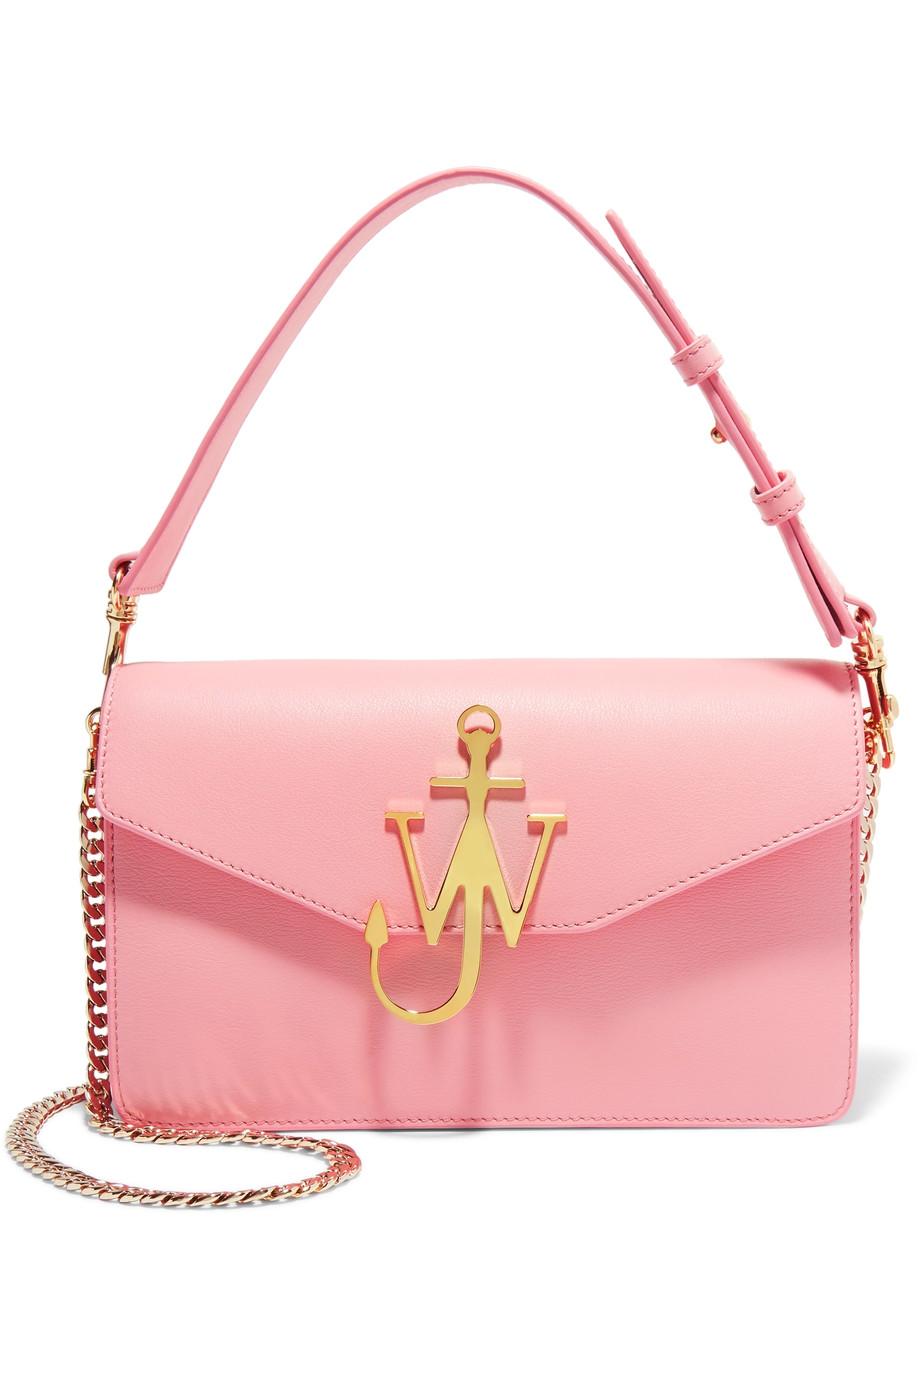 J.W. Anderson  Logo Leather Shoulder Bag  ($1370)